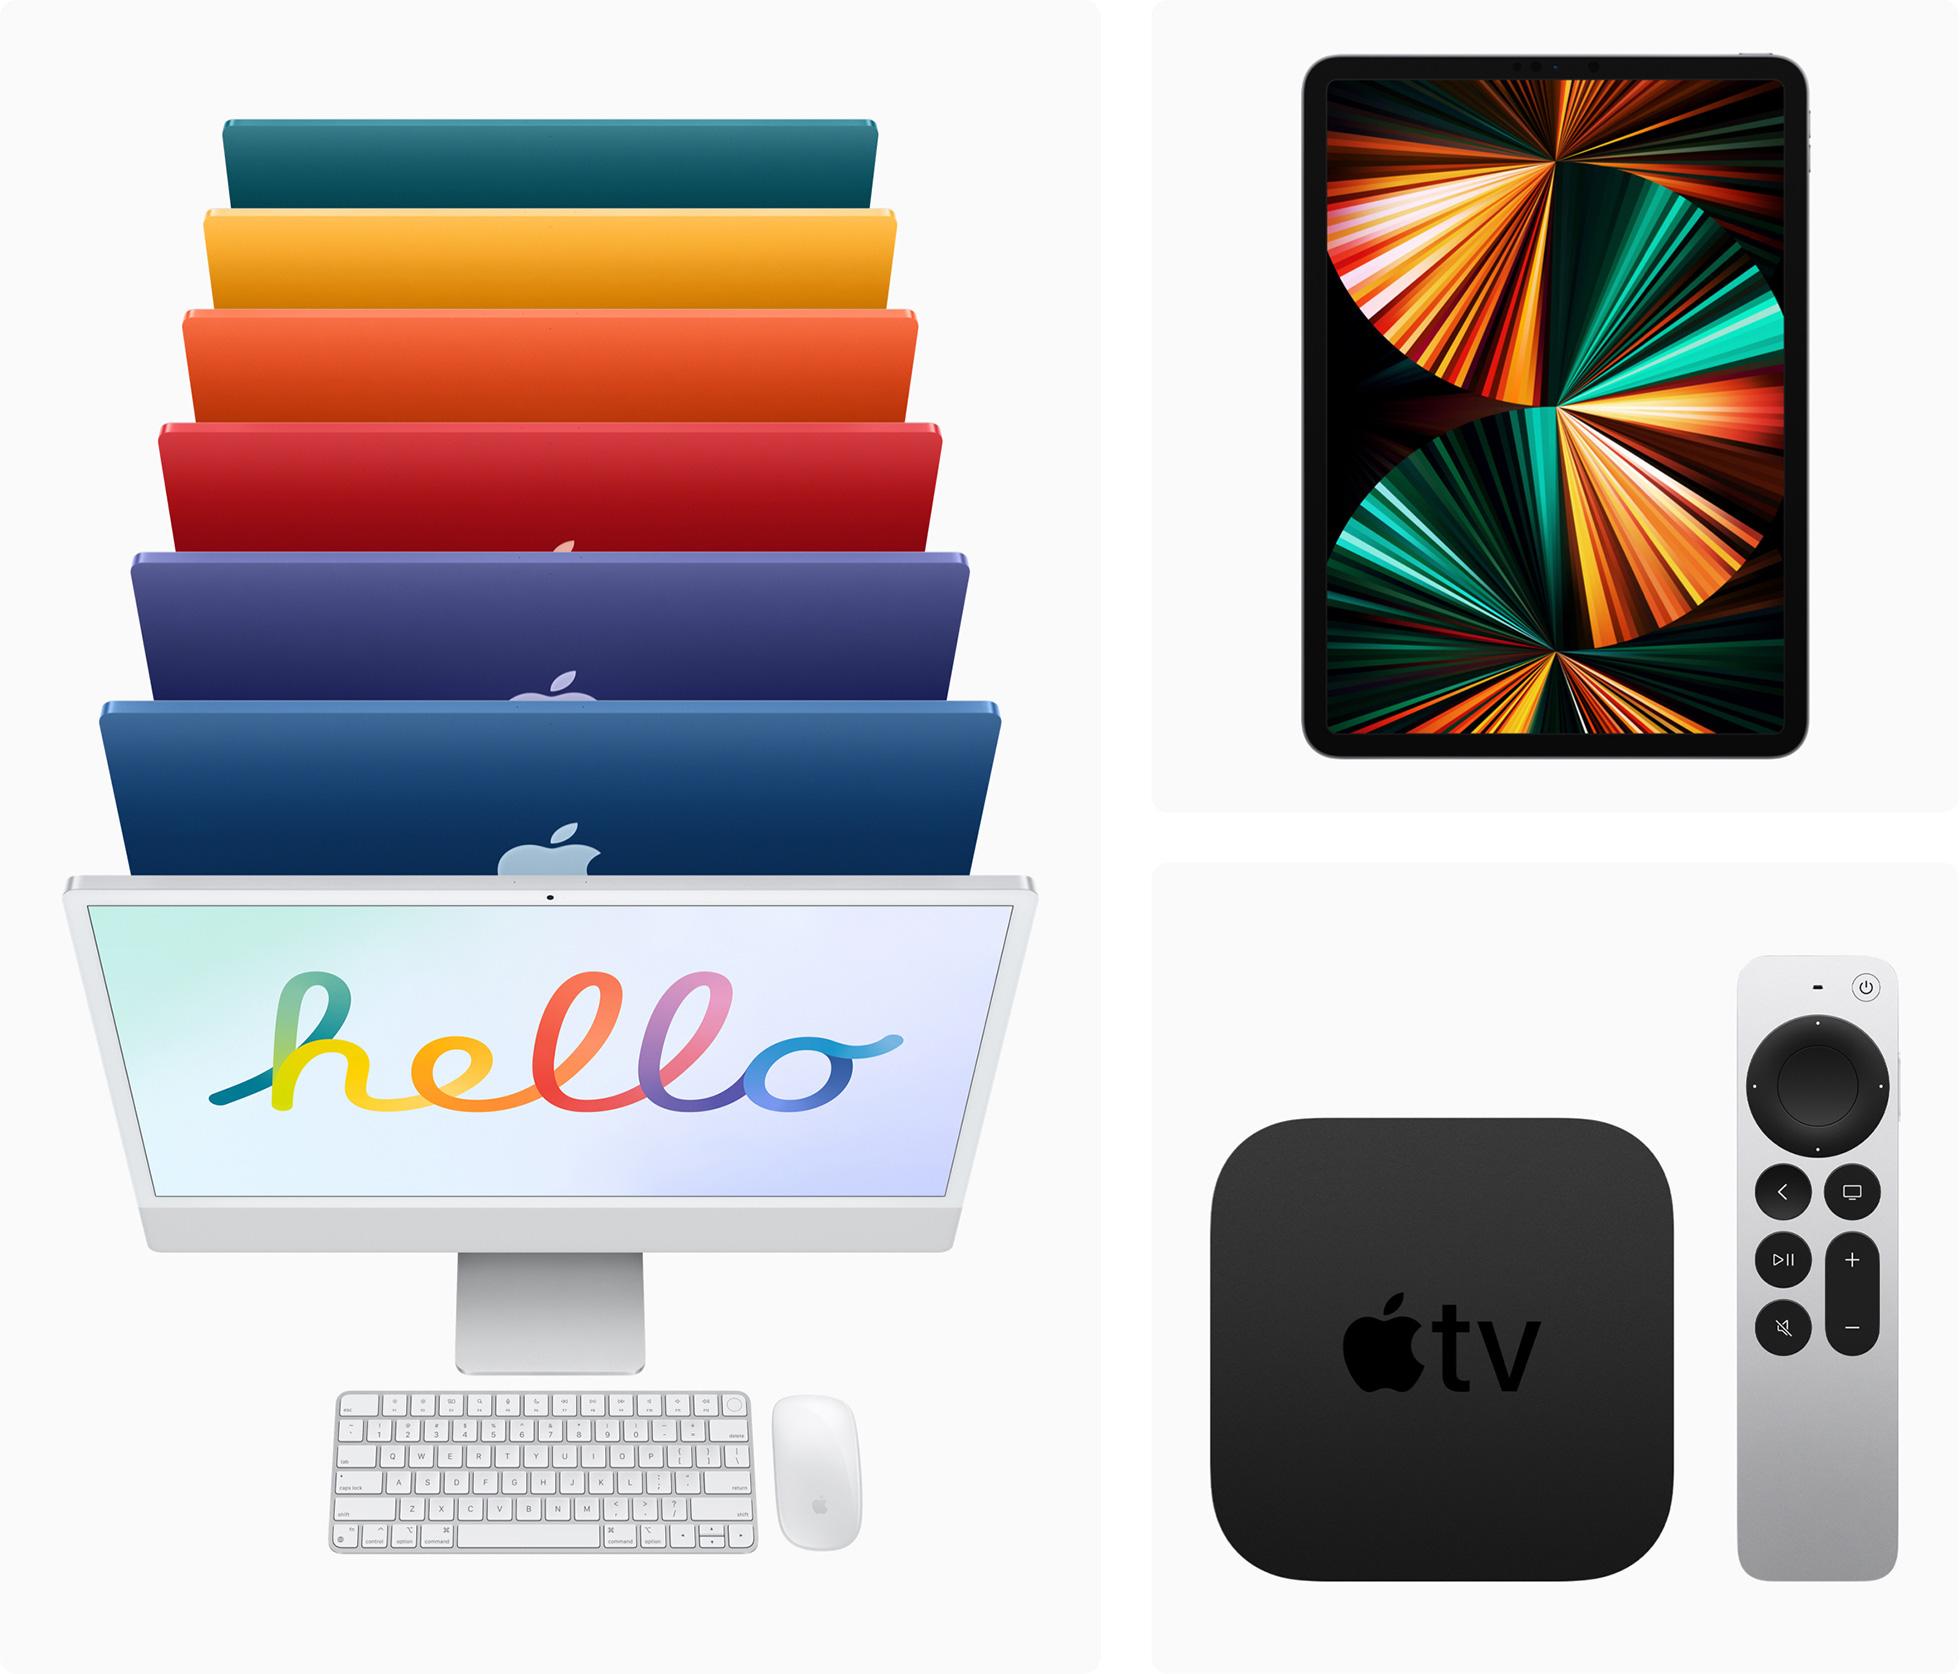 Νέα Apple IMac, IPad Pro, Apple TV 4K για το 2021